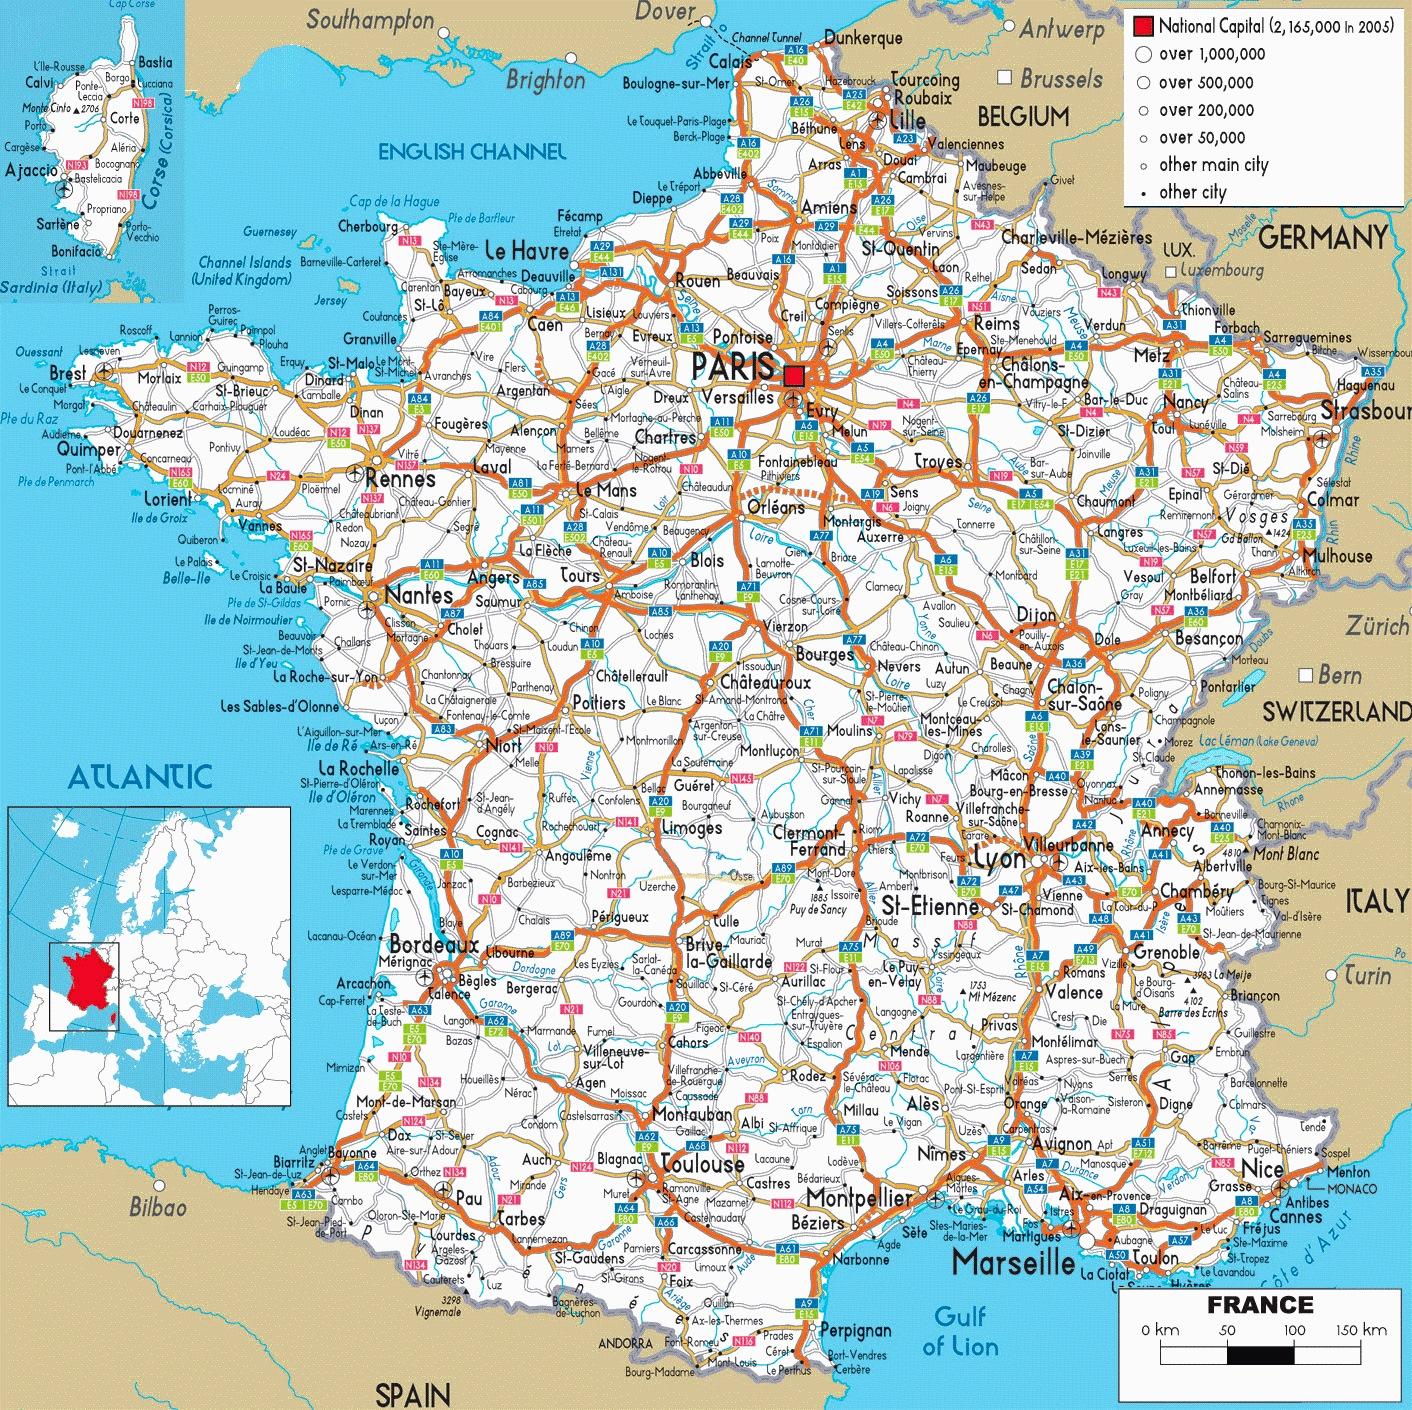 CARTE DE FRANCE : divisions régions, départements et villes